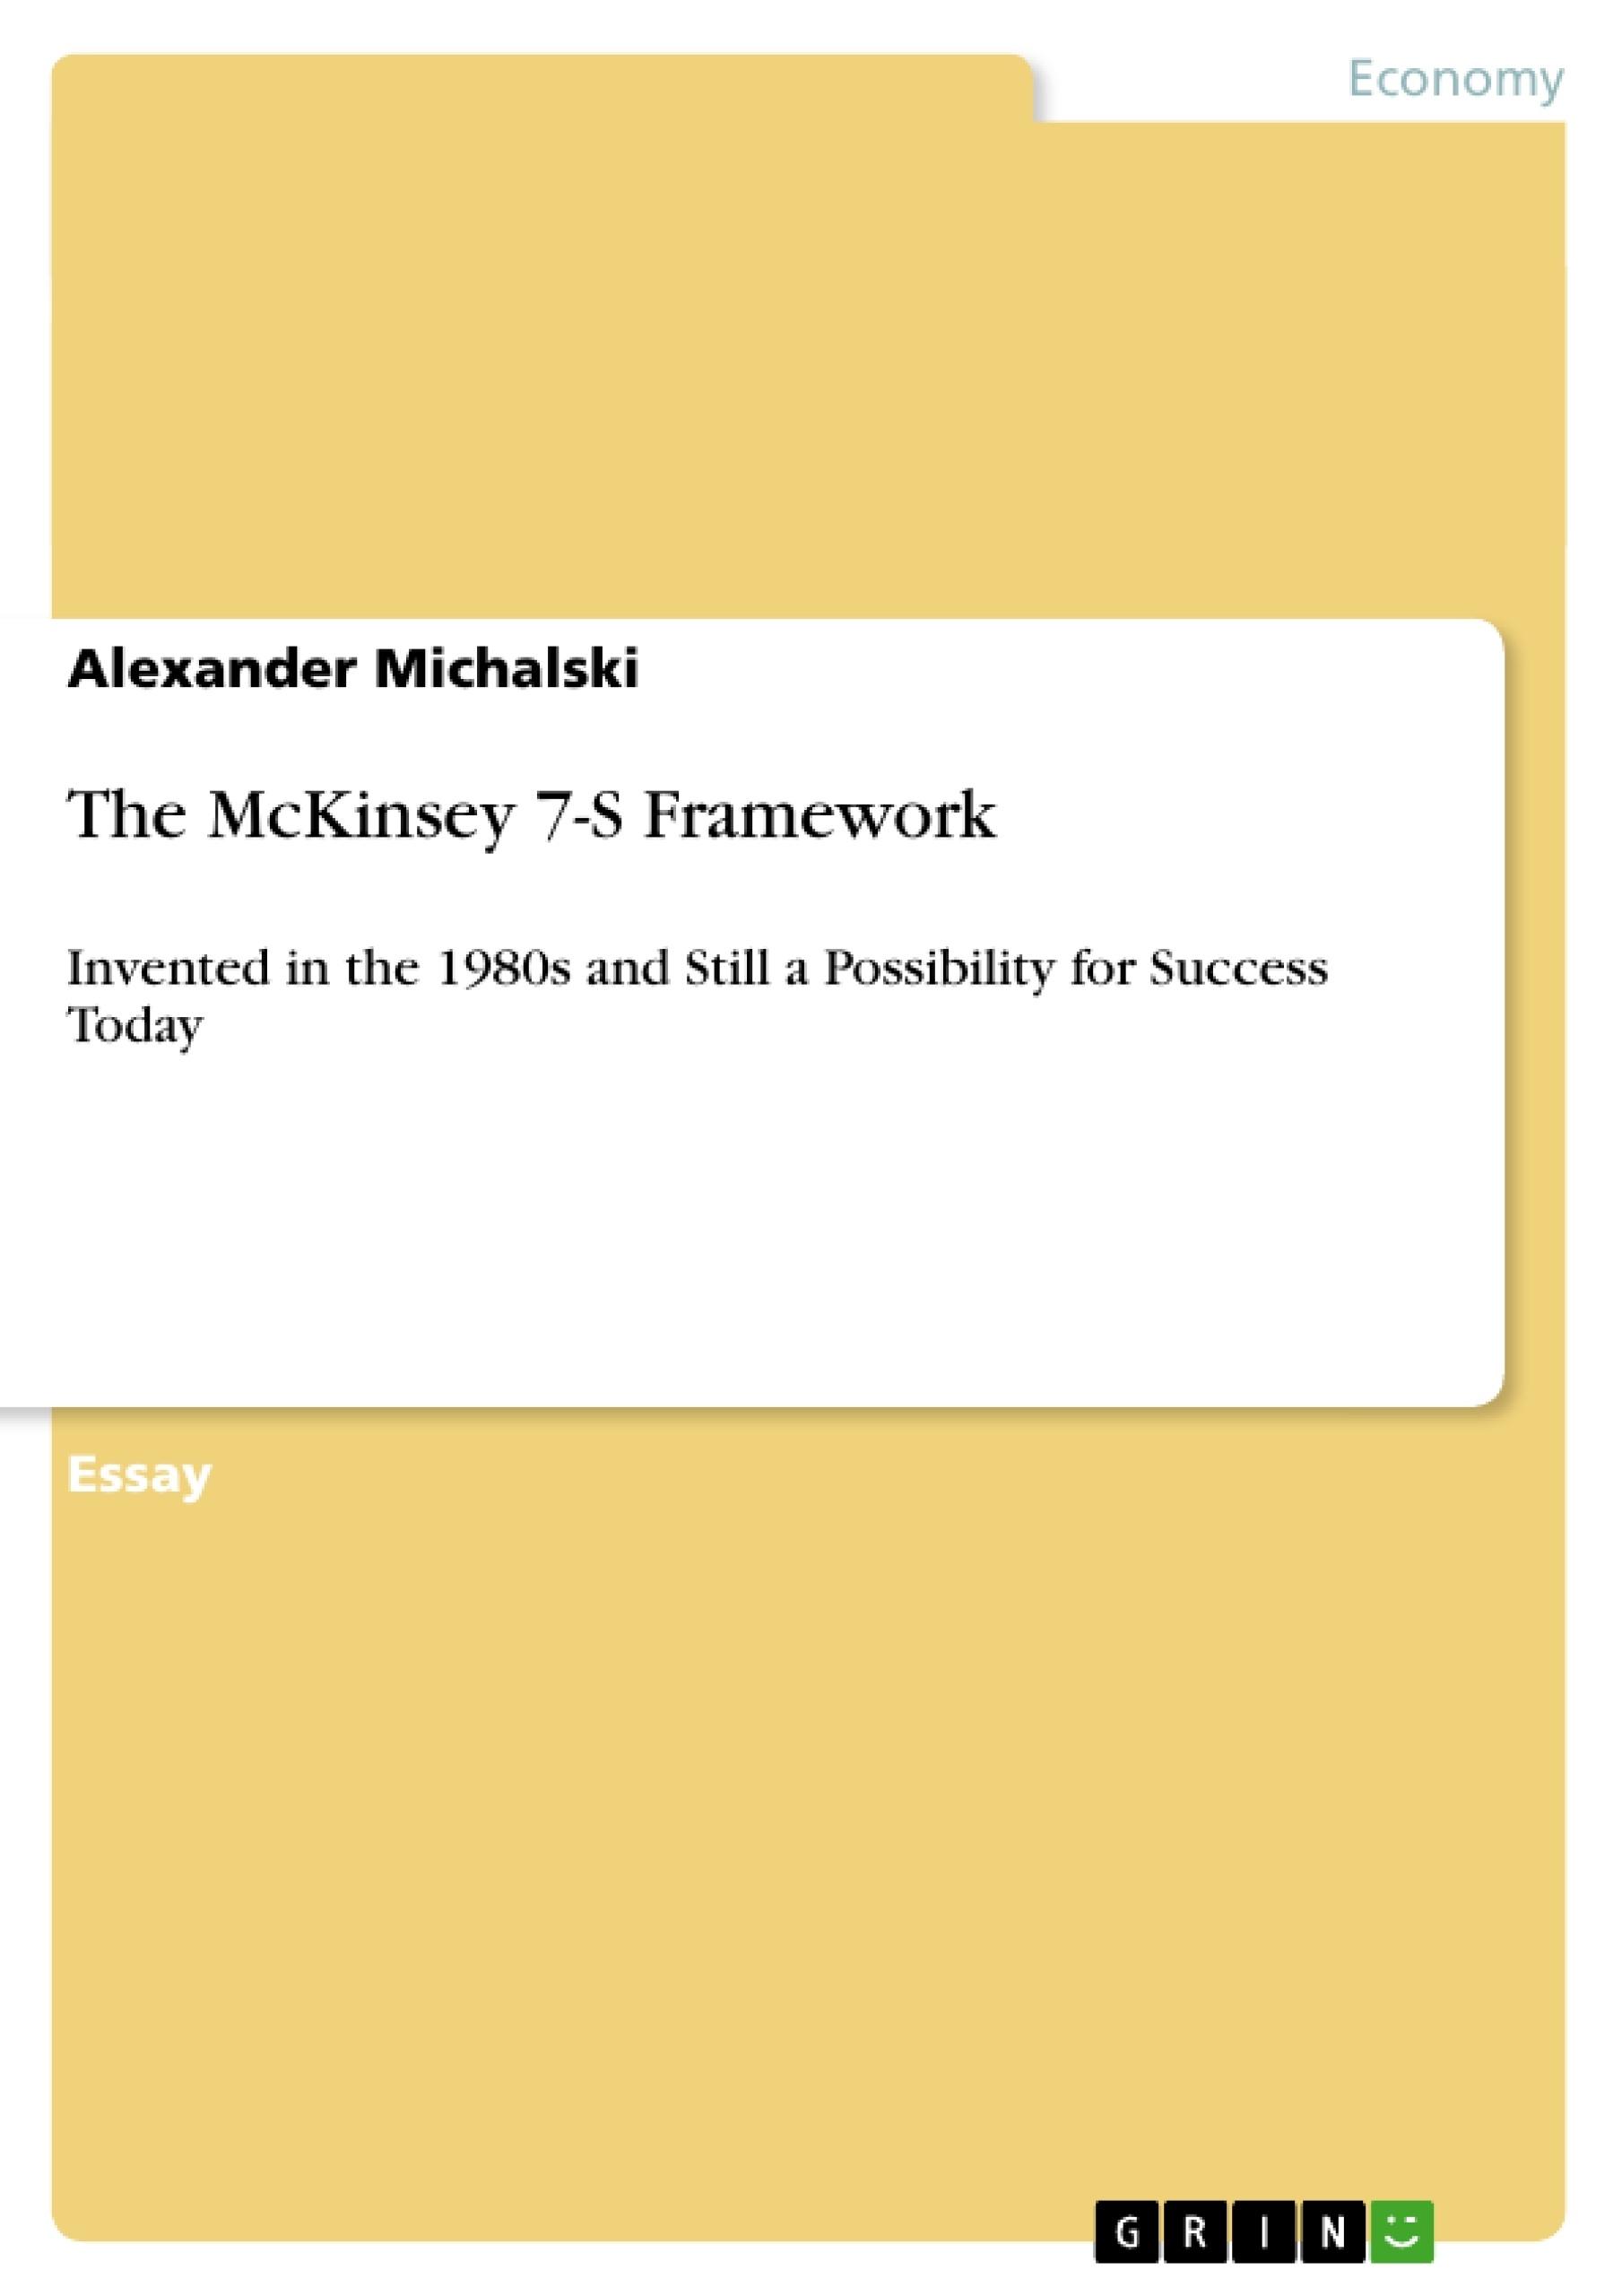 mckinsey 7s framework essay